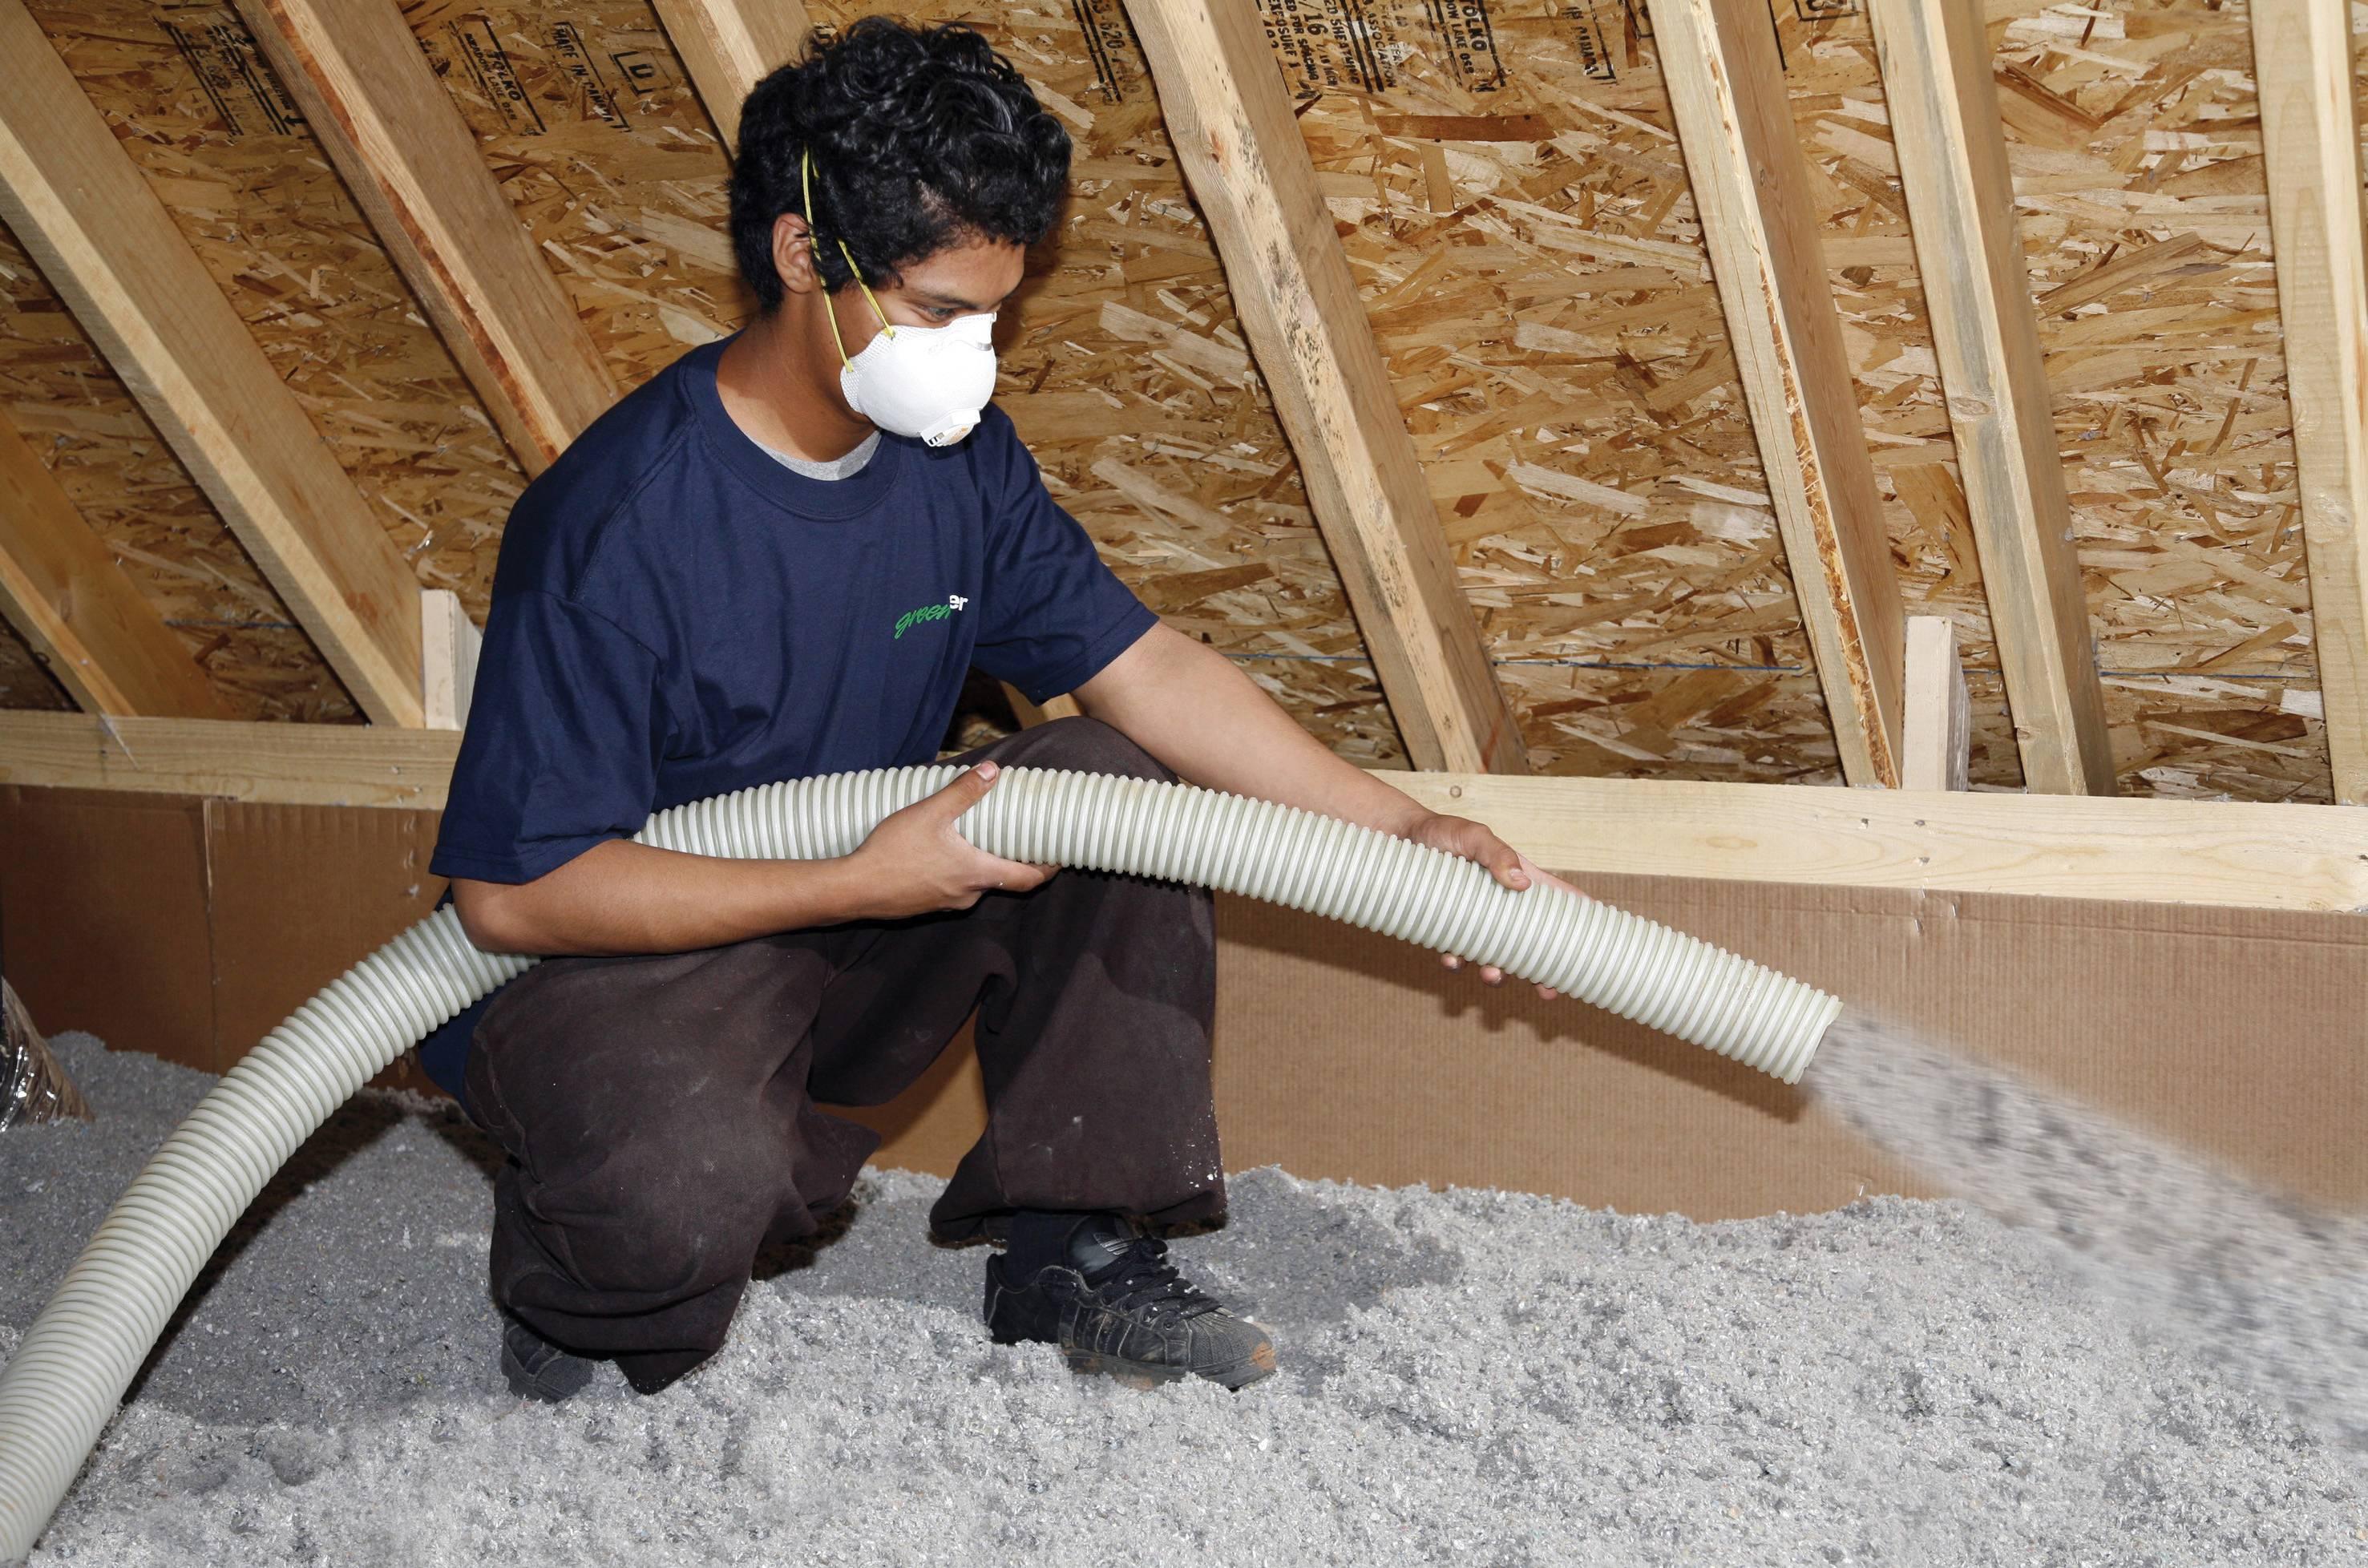 Как утеплить потолок: выбор утеплителя, чем лучше сделать утепление внутри частного дома, эковатой, стекловатой, базальтовой ватой, как класть утеплитель, как правильно утеплять, технология утепления